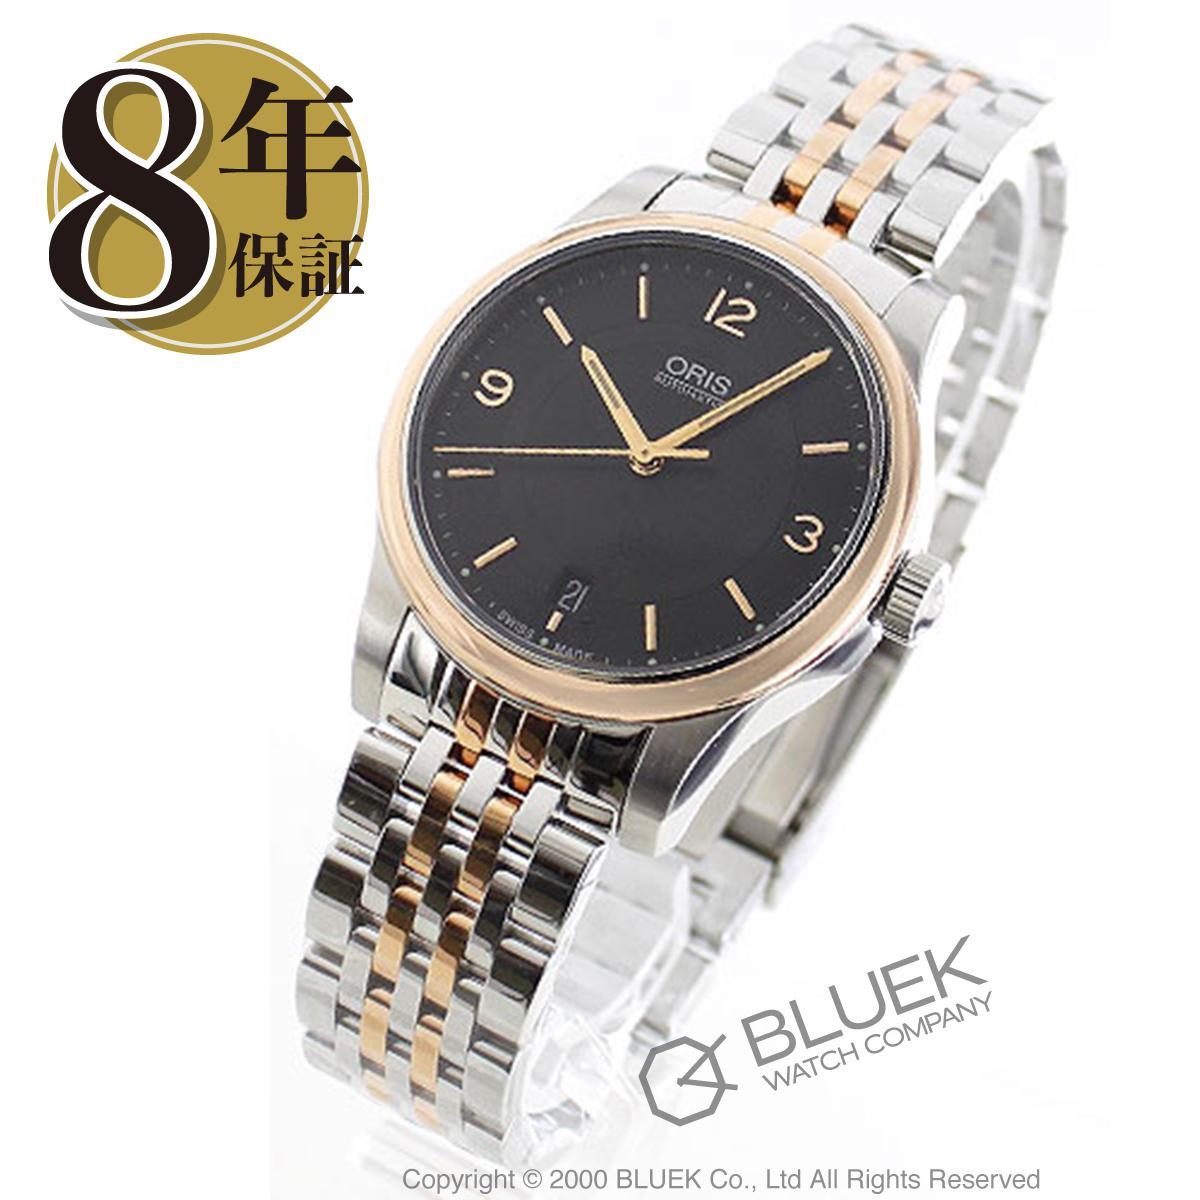 【3,000円OFFクーポン対象】オリス クラシック 腕時計 メンズ ORIS 733 7578 4334M_8